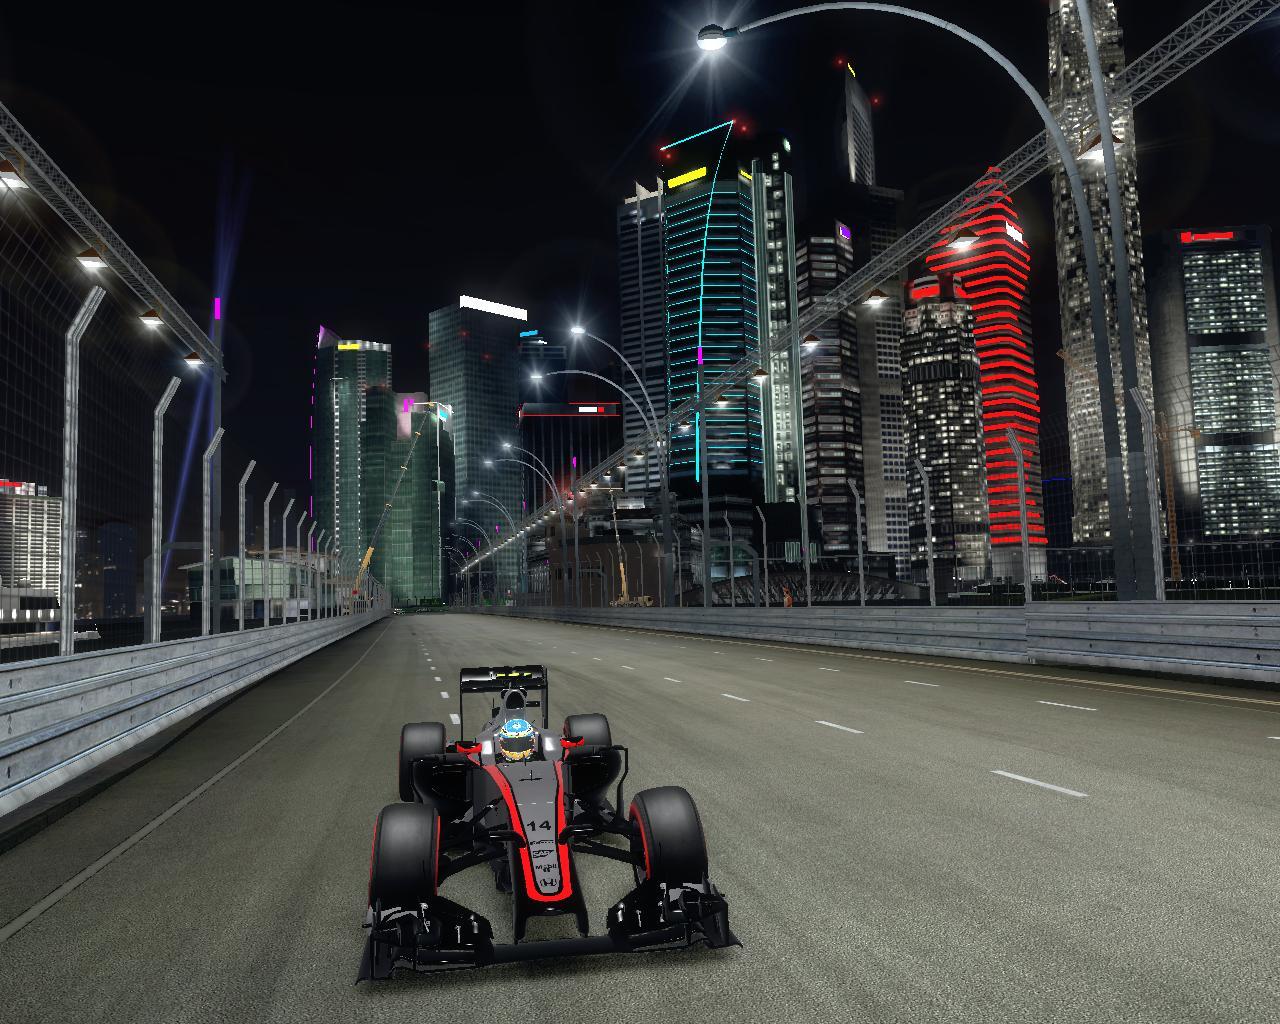 F1_2014 2015-02-08 13-33-54-87.jpg